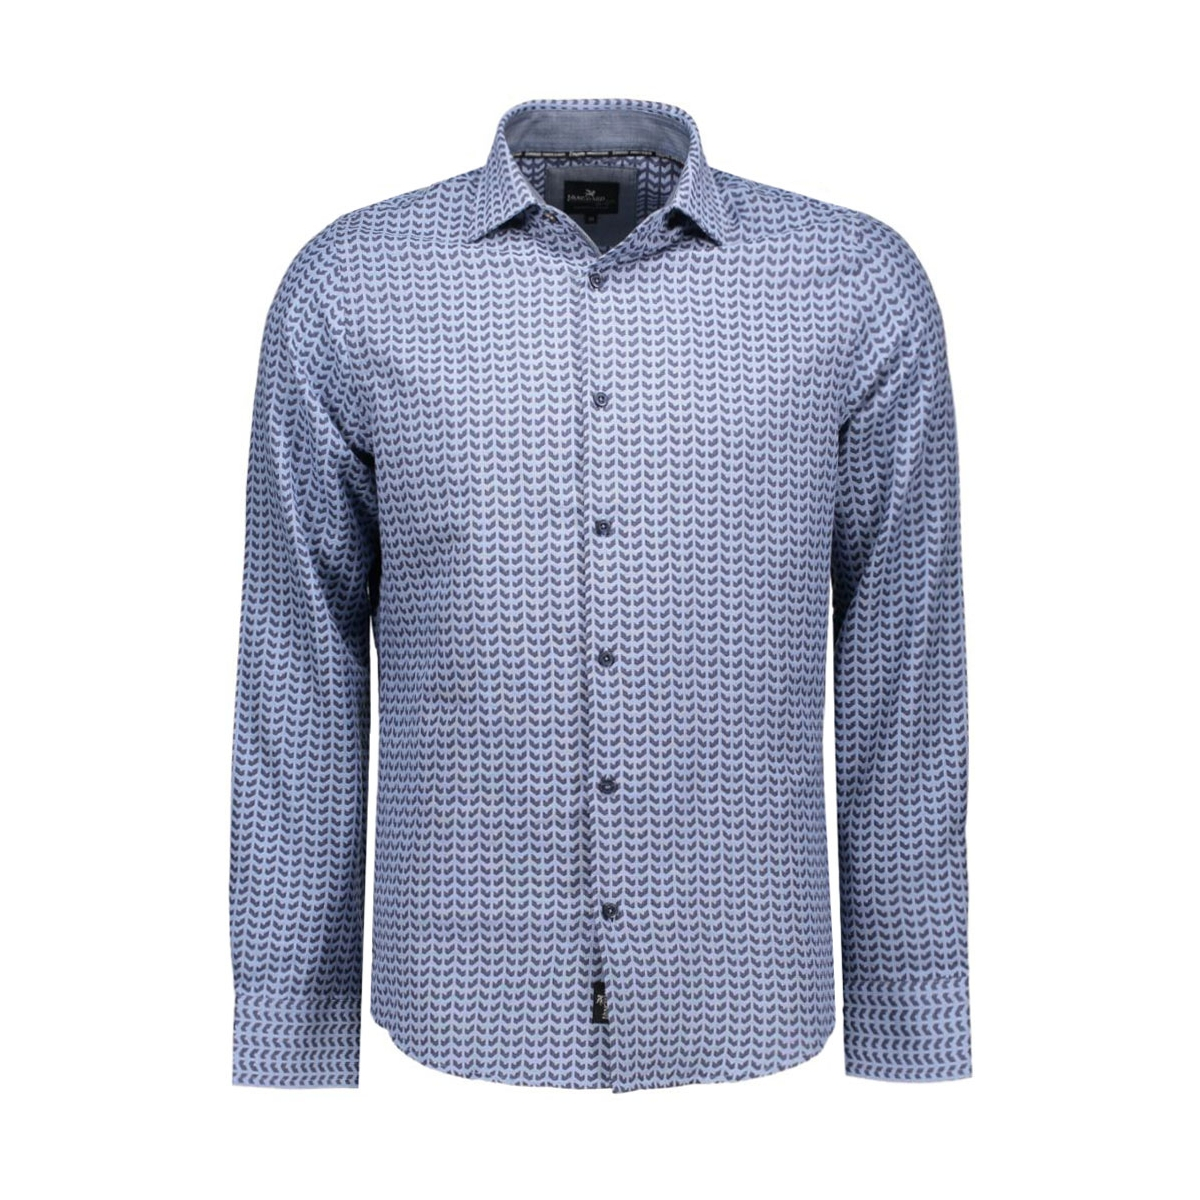 vsi66416 vanguard overhemd 5879